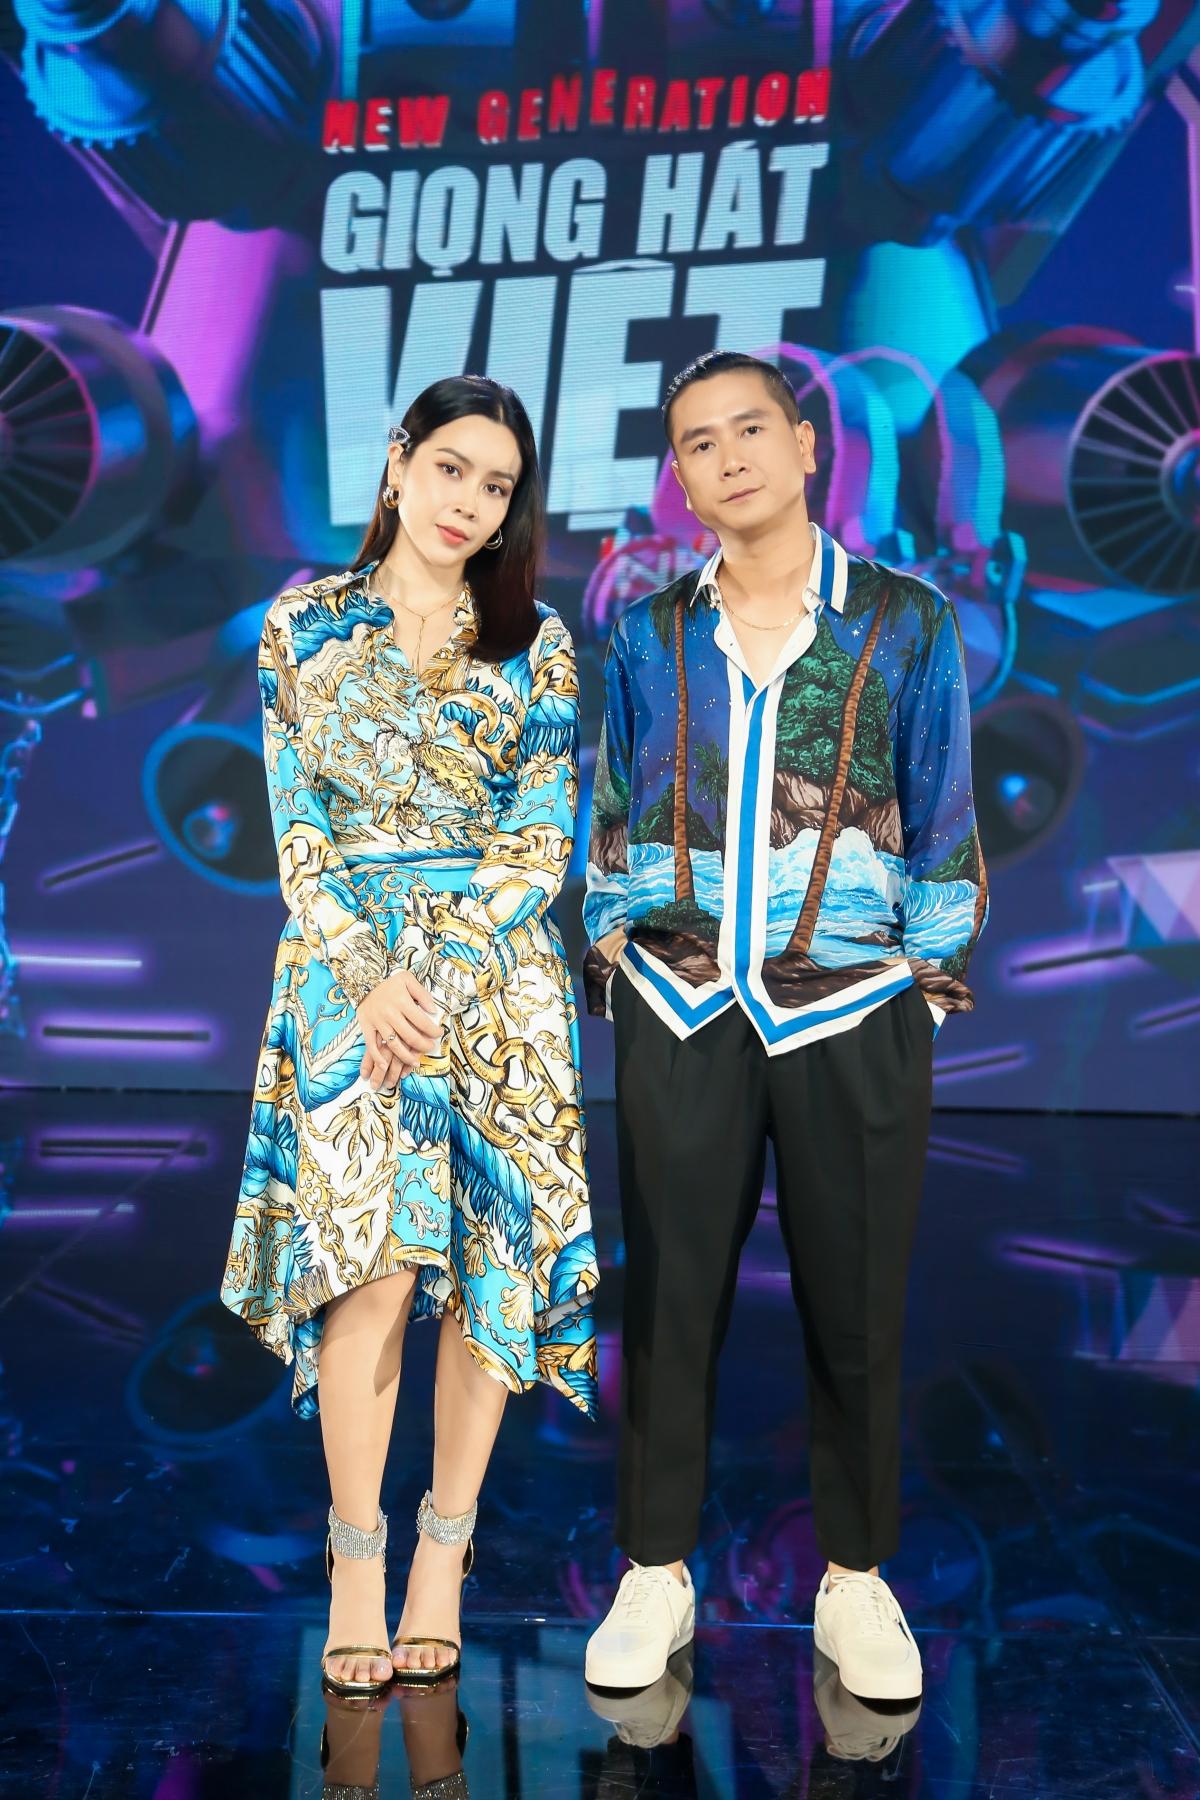 Lưu Hương Giang vô cùng phấn khích khi chứng kiến màn biểu diễn đặc biệt của Duy Long.